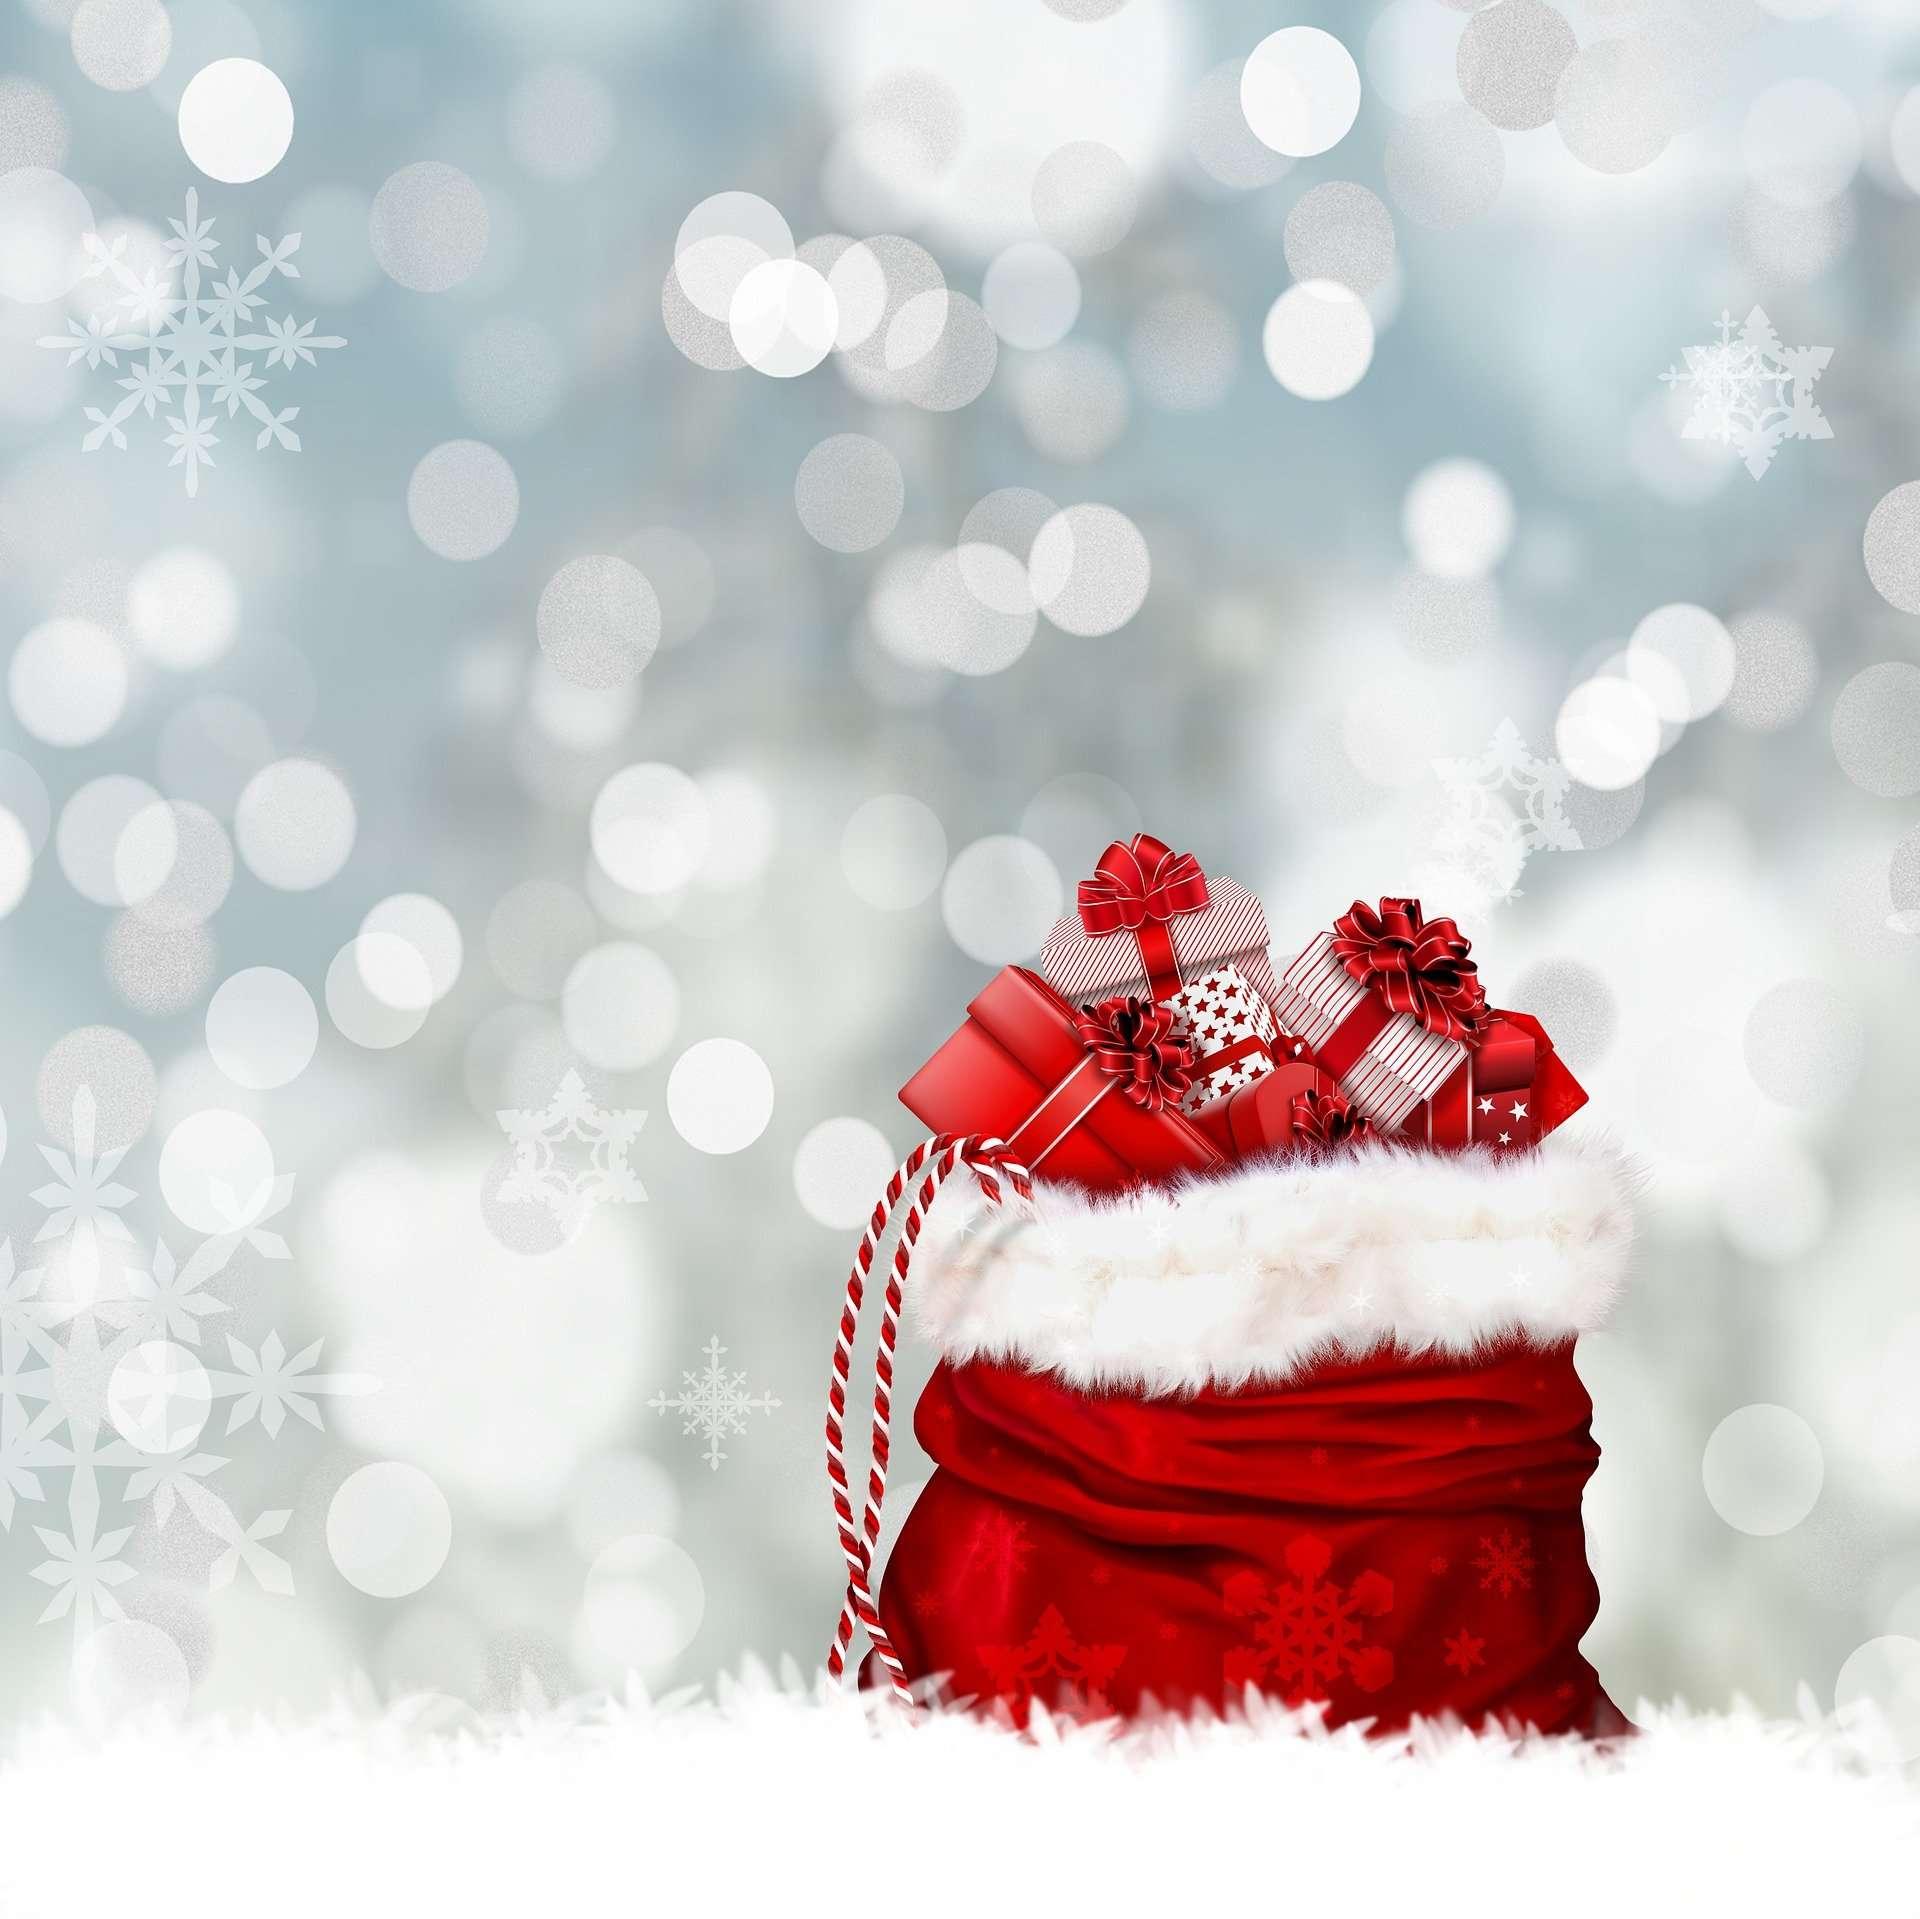 cuando acaba navidad